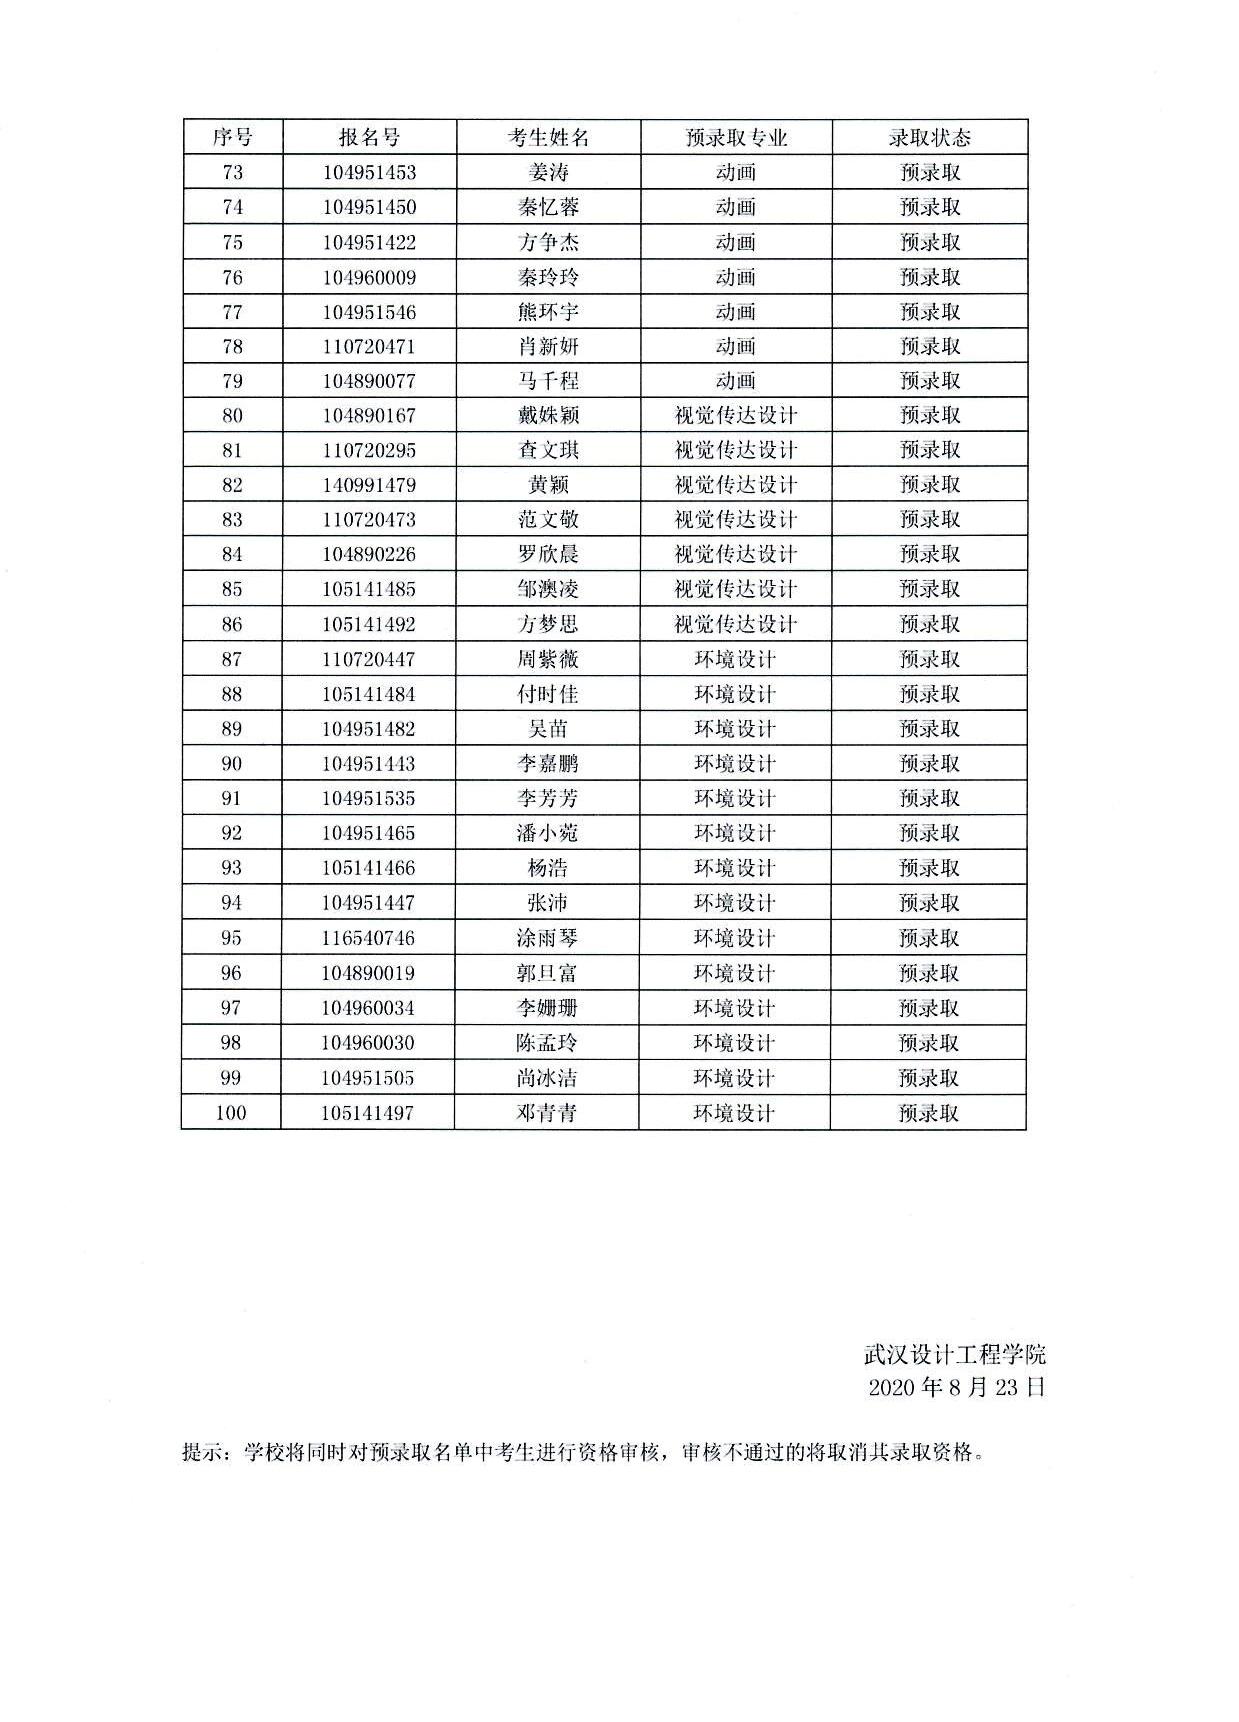 2020年武汉设计工程学院普通专升本补录预录取名单3